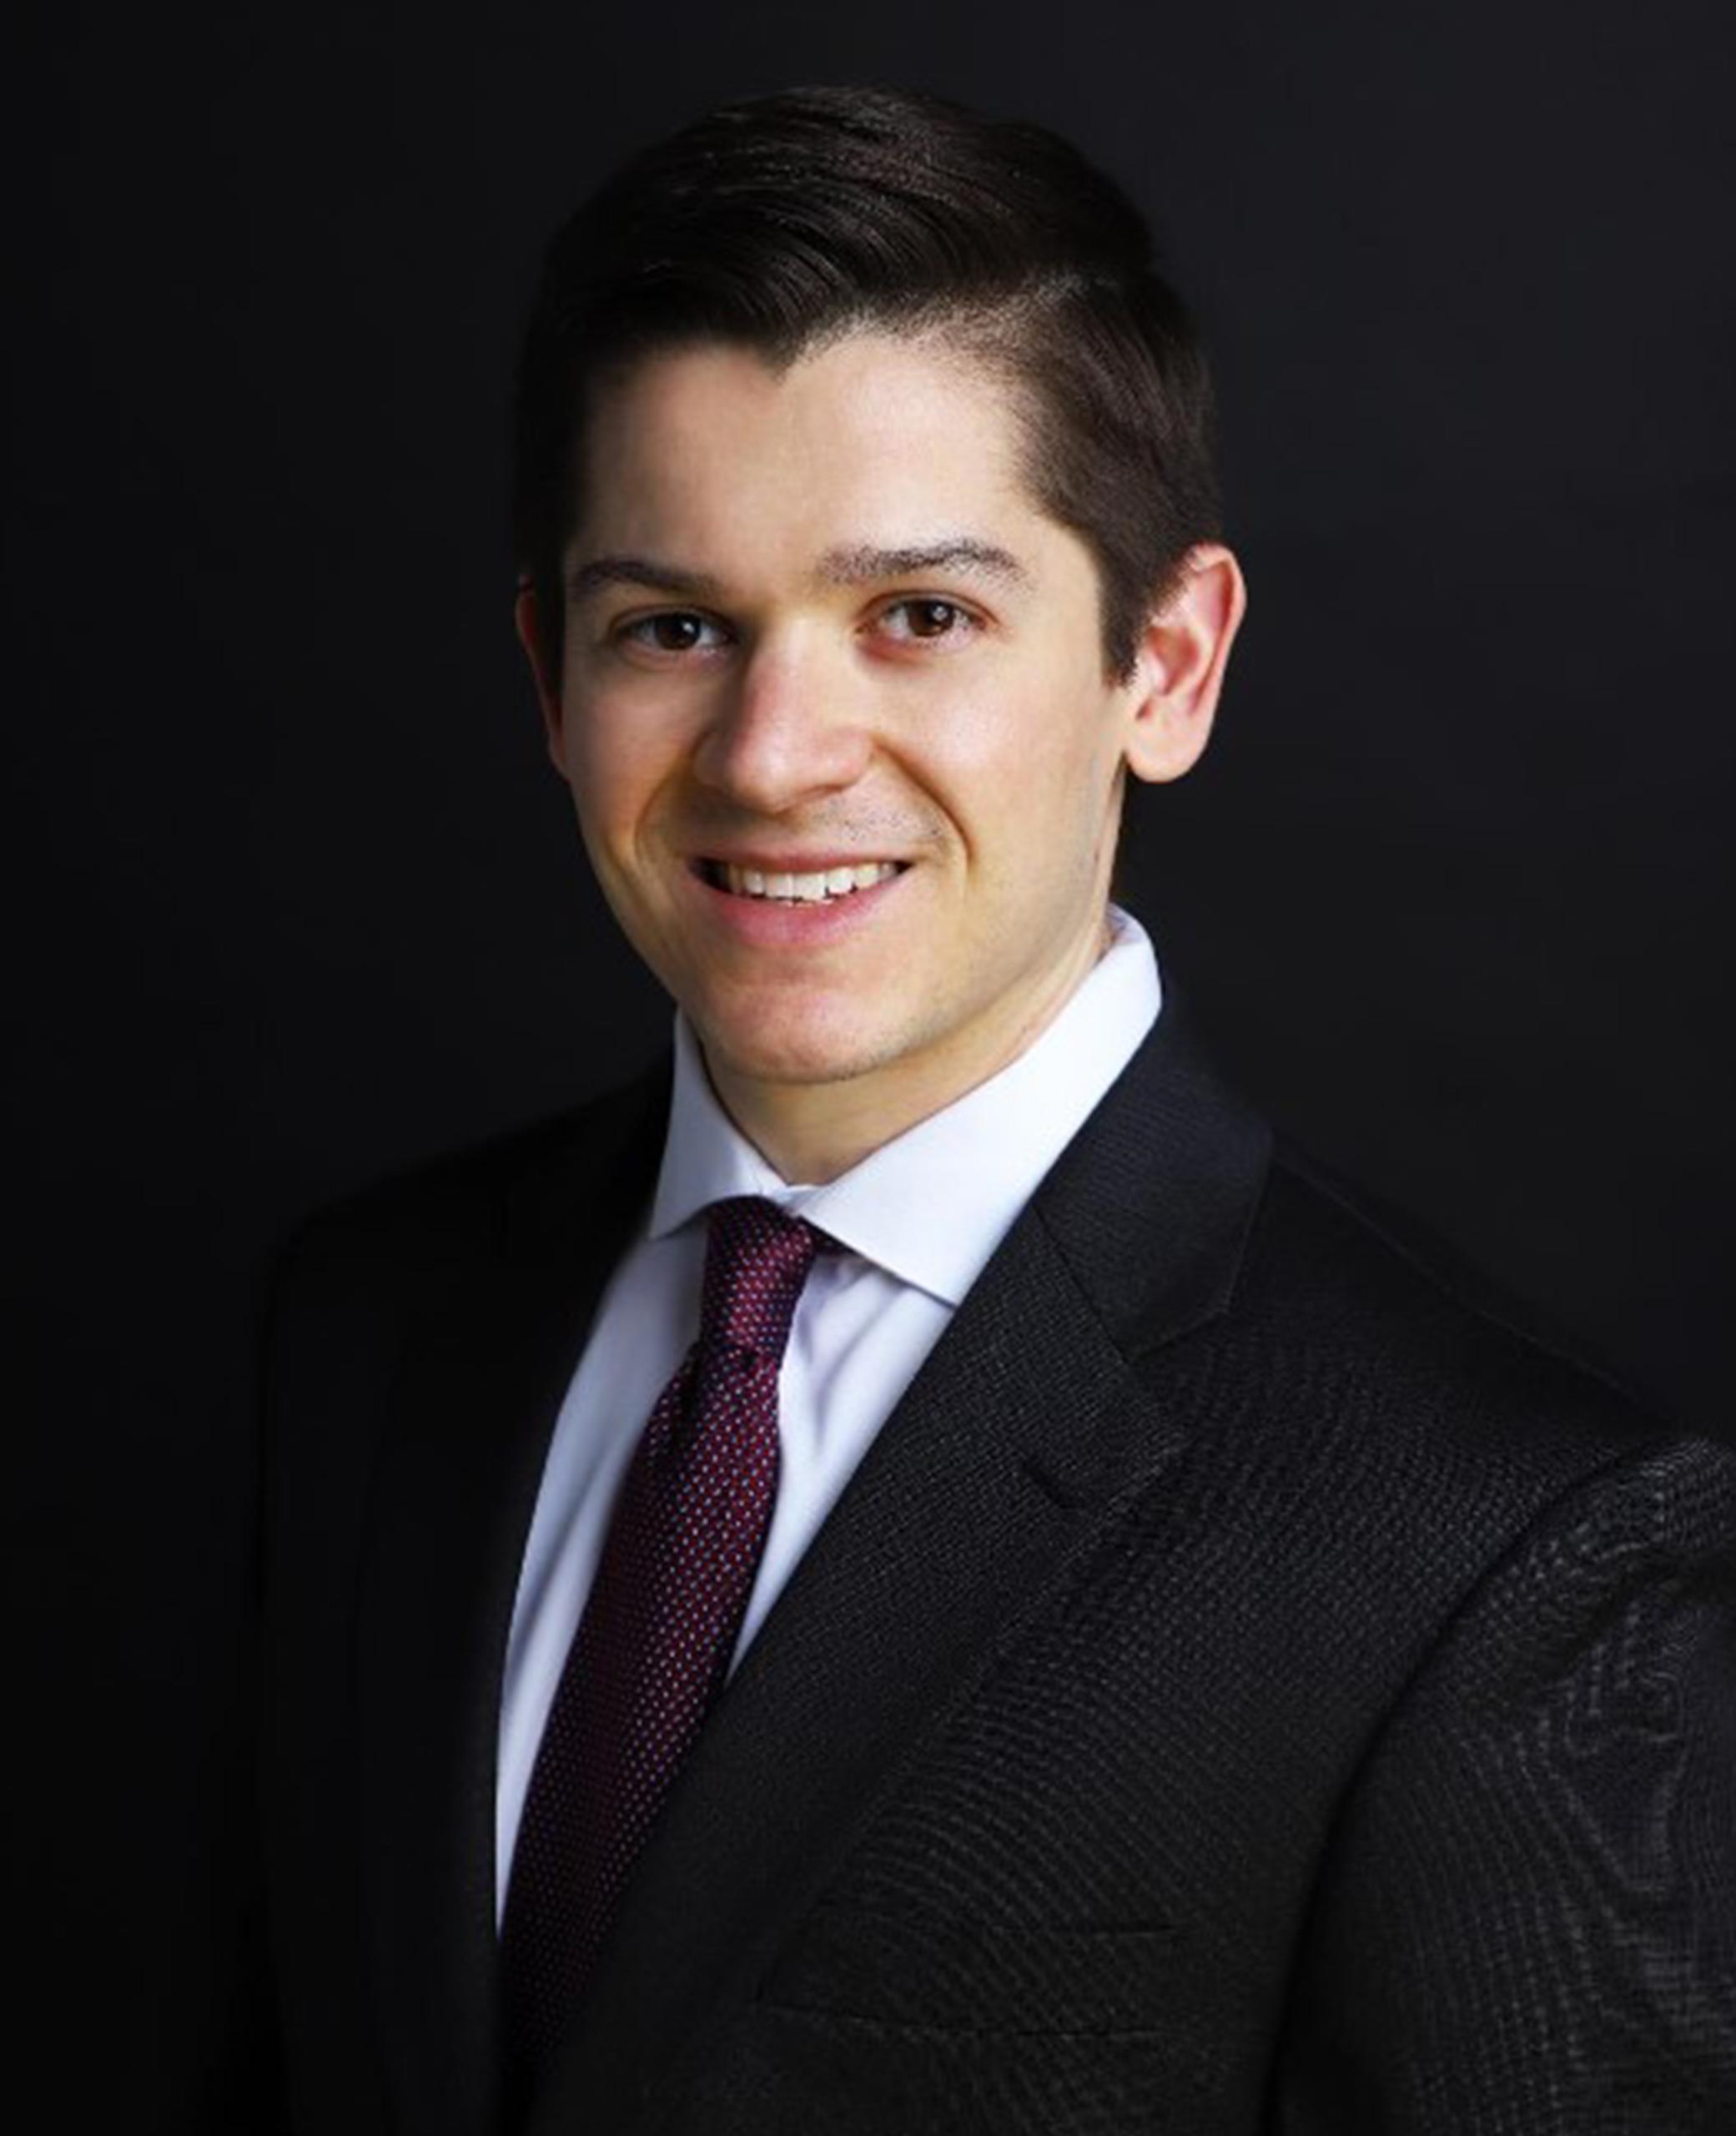 Ryan Schutte, CFA